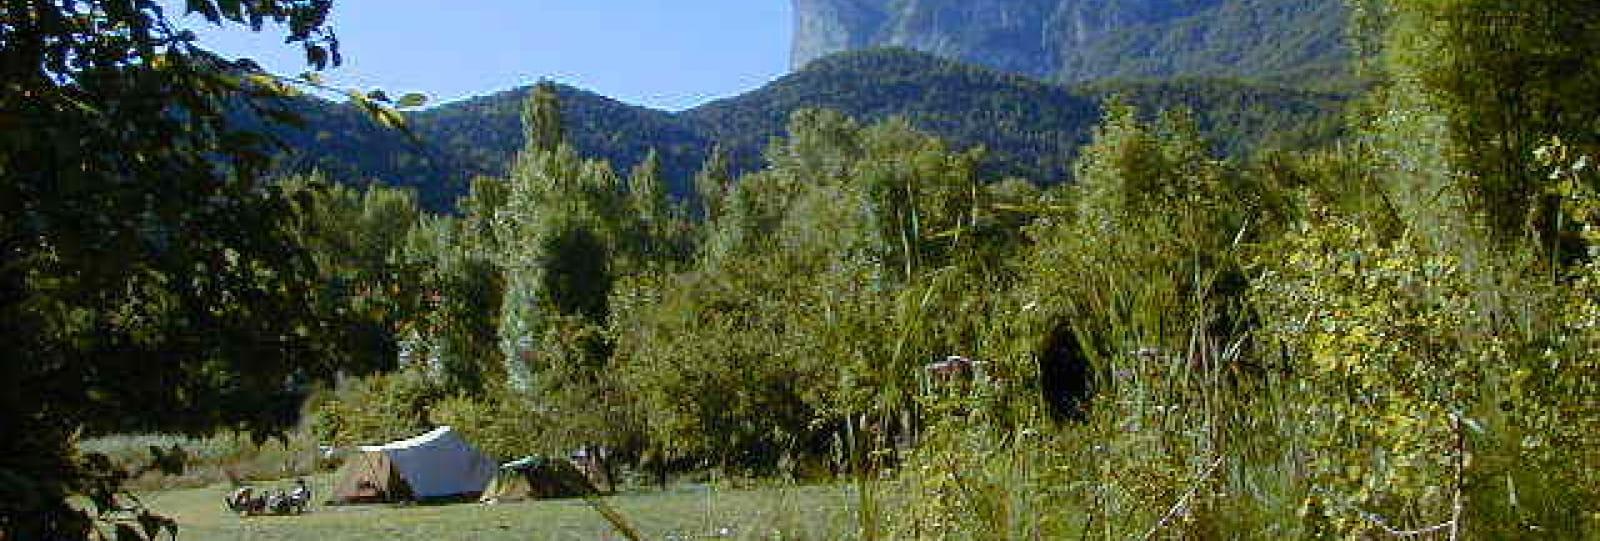 Aire Naturelle de Camping la Motte